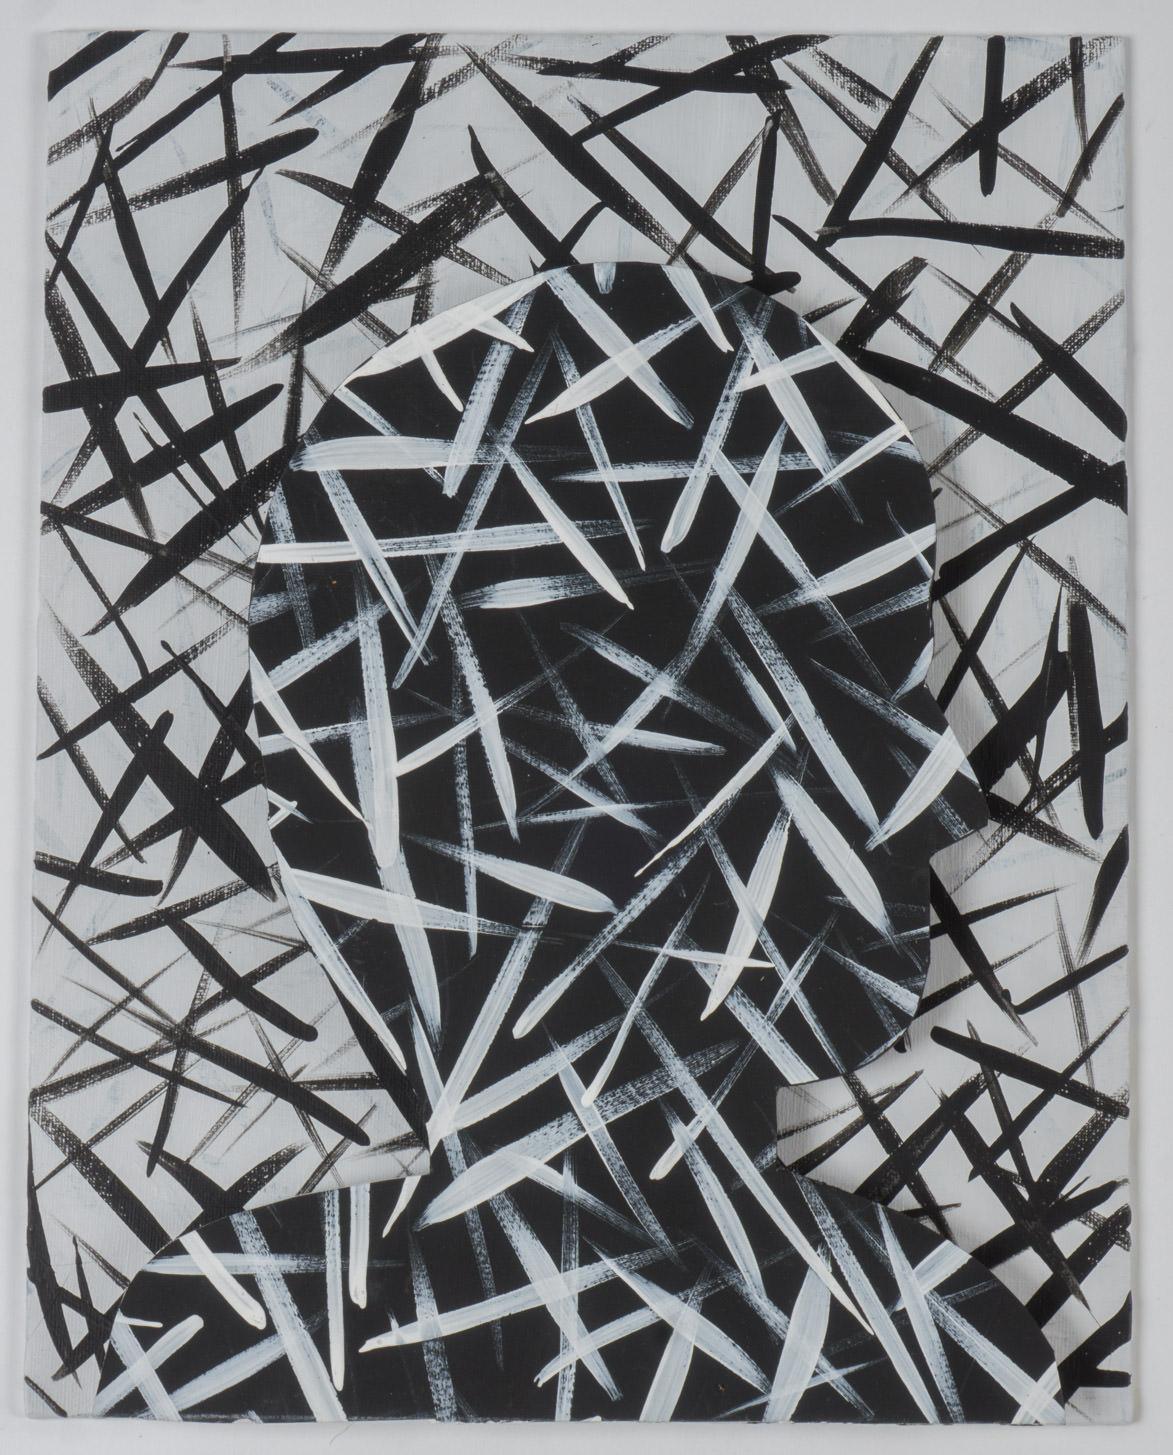 11x14 - canvas board/board - gesso